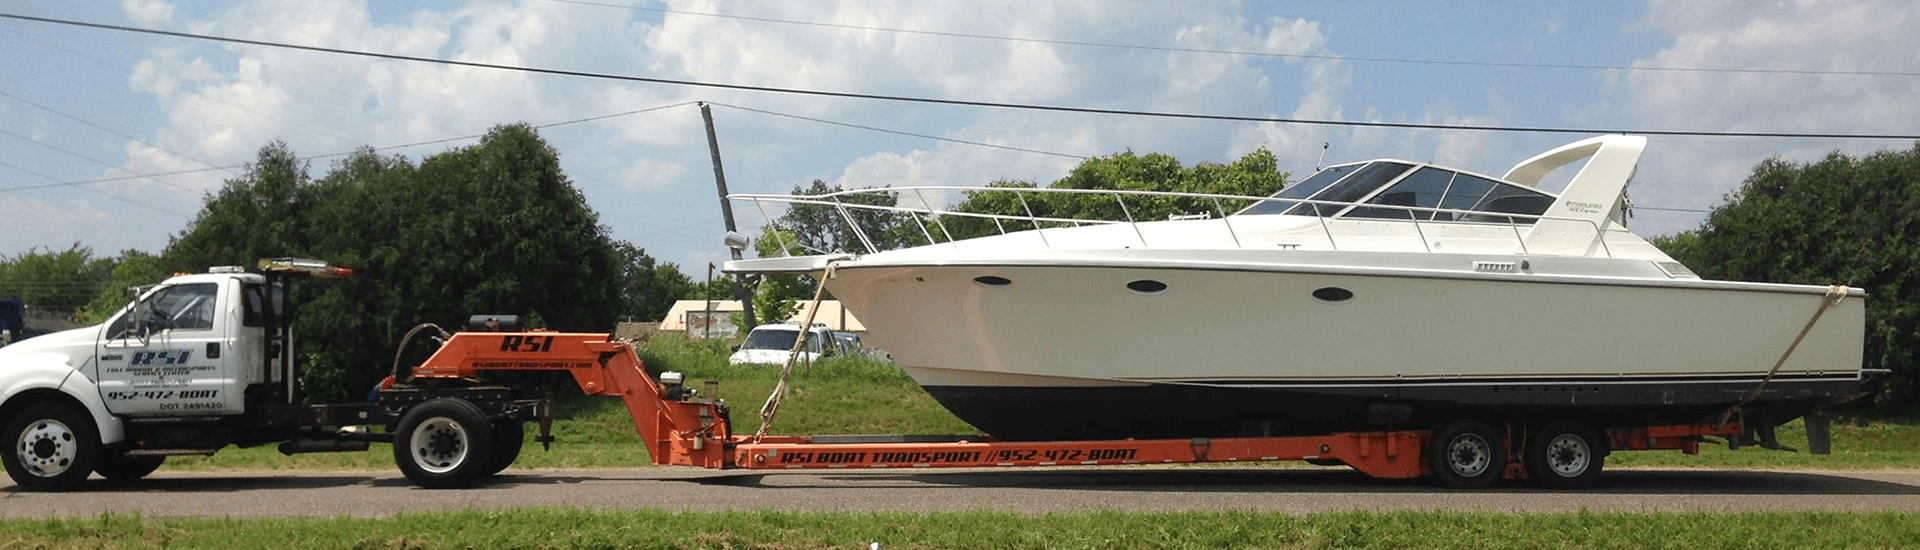 Large Boat Transport Service